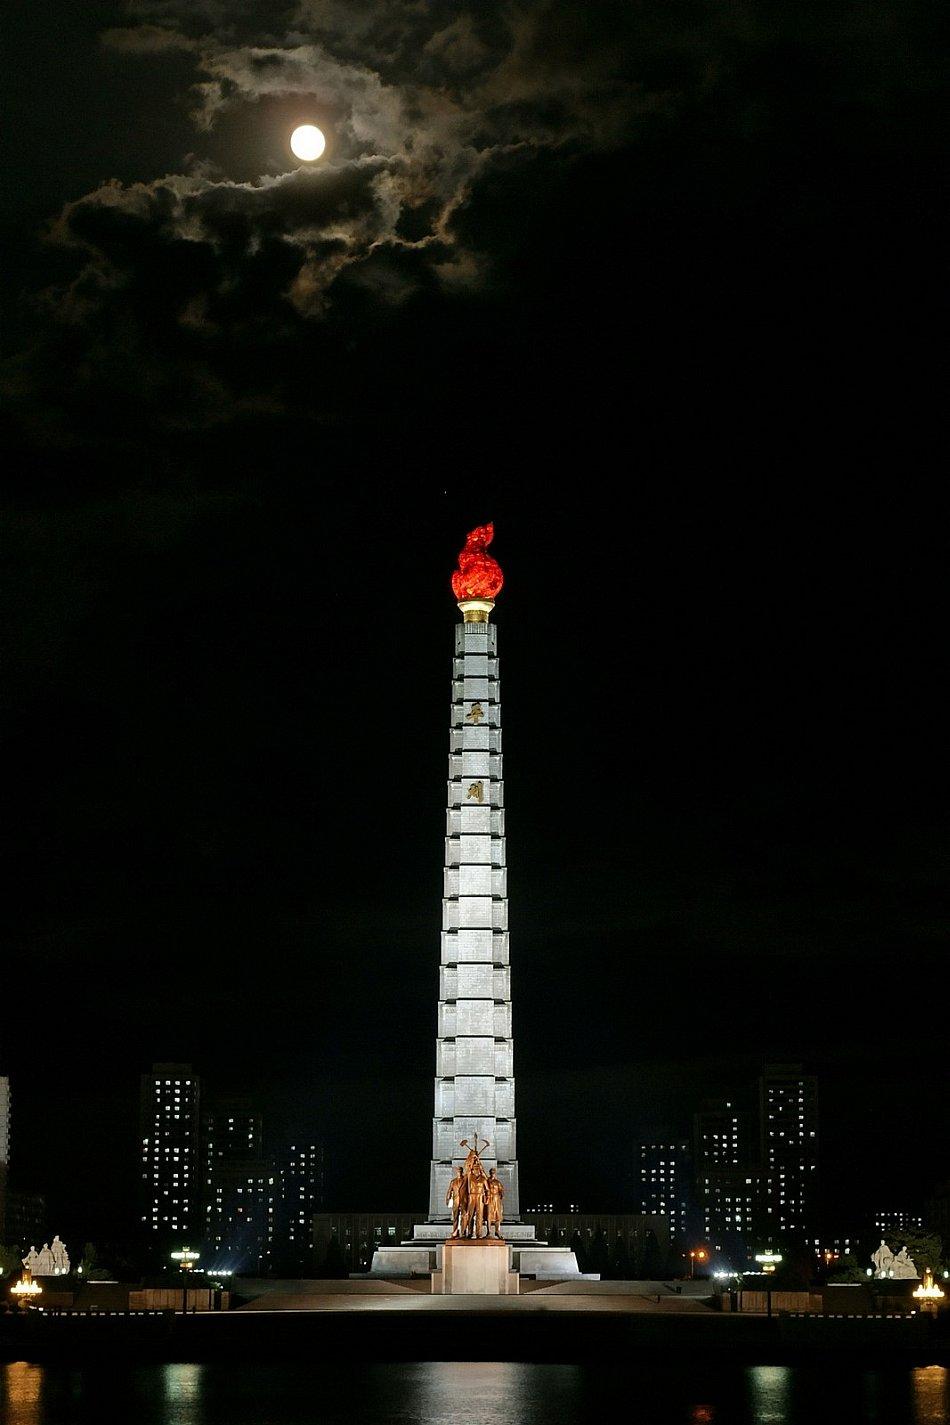 В метро тоже нет давки, Пхеньян, 10 марта 2011. В вагонах висят портреты вождей: